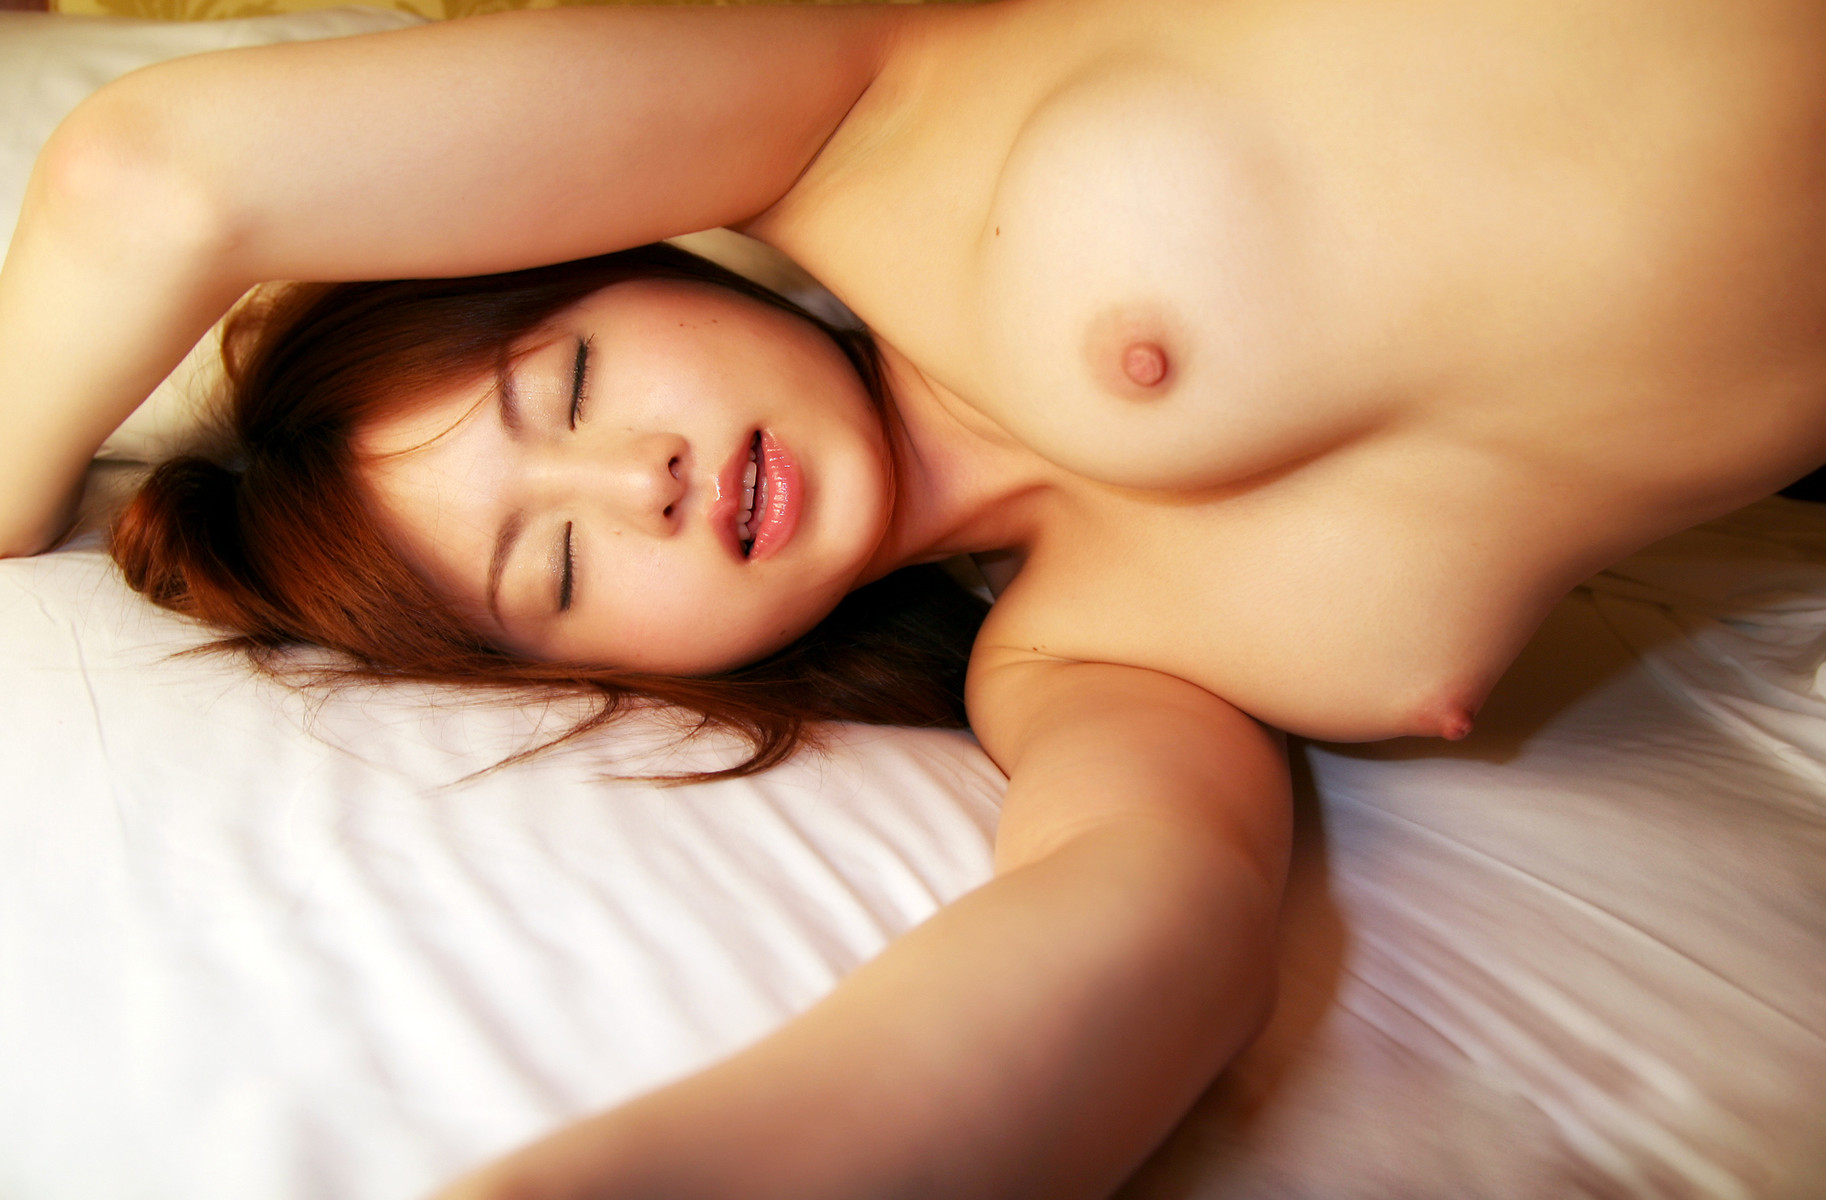 吉沢明歩 SEX 画像 9